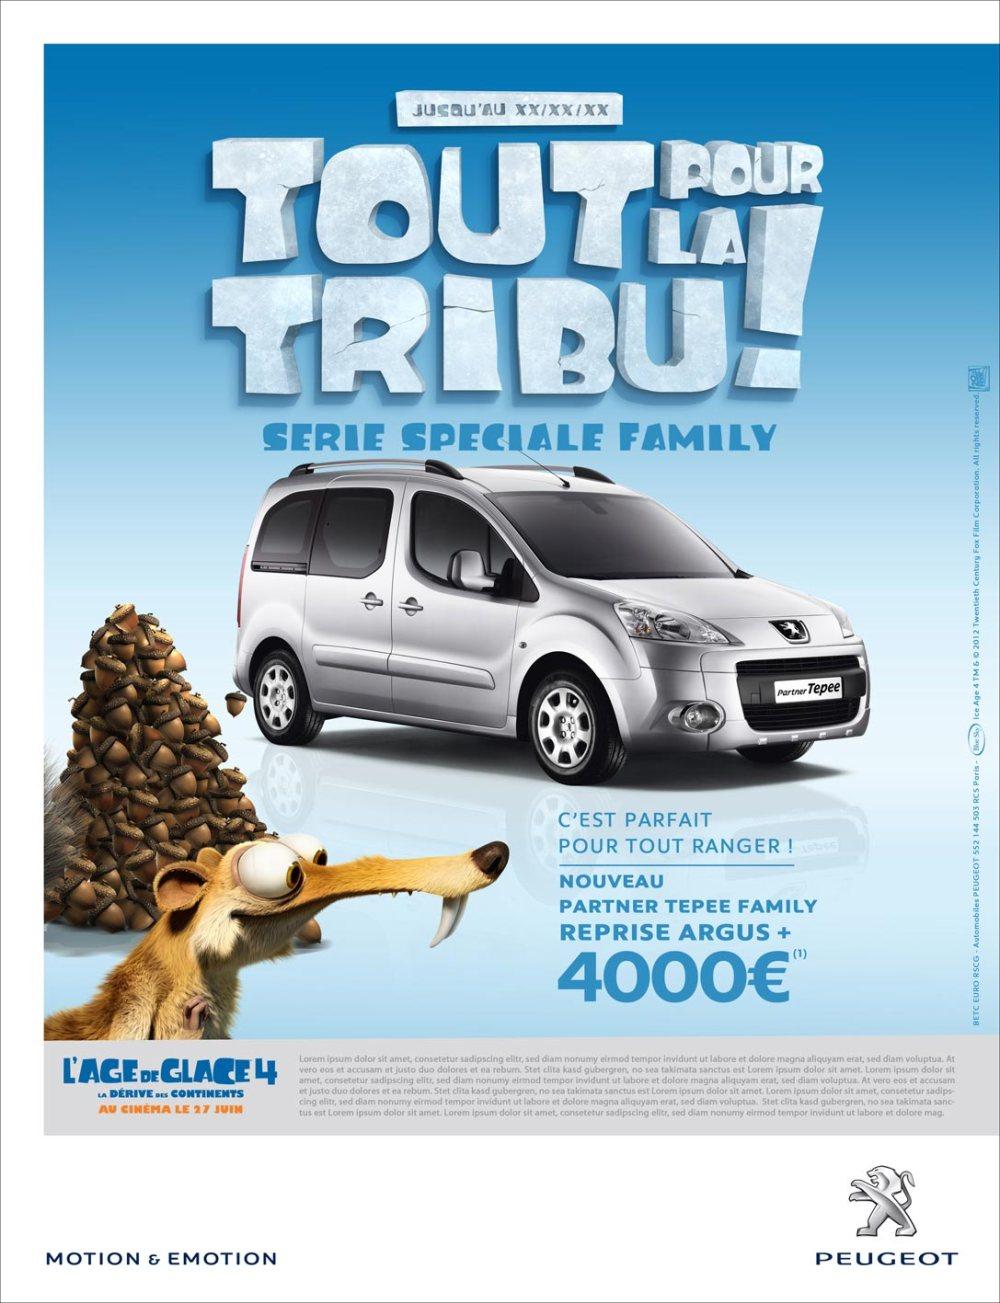 Peugeot Event Age de glace 1